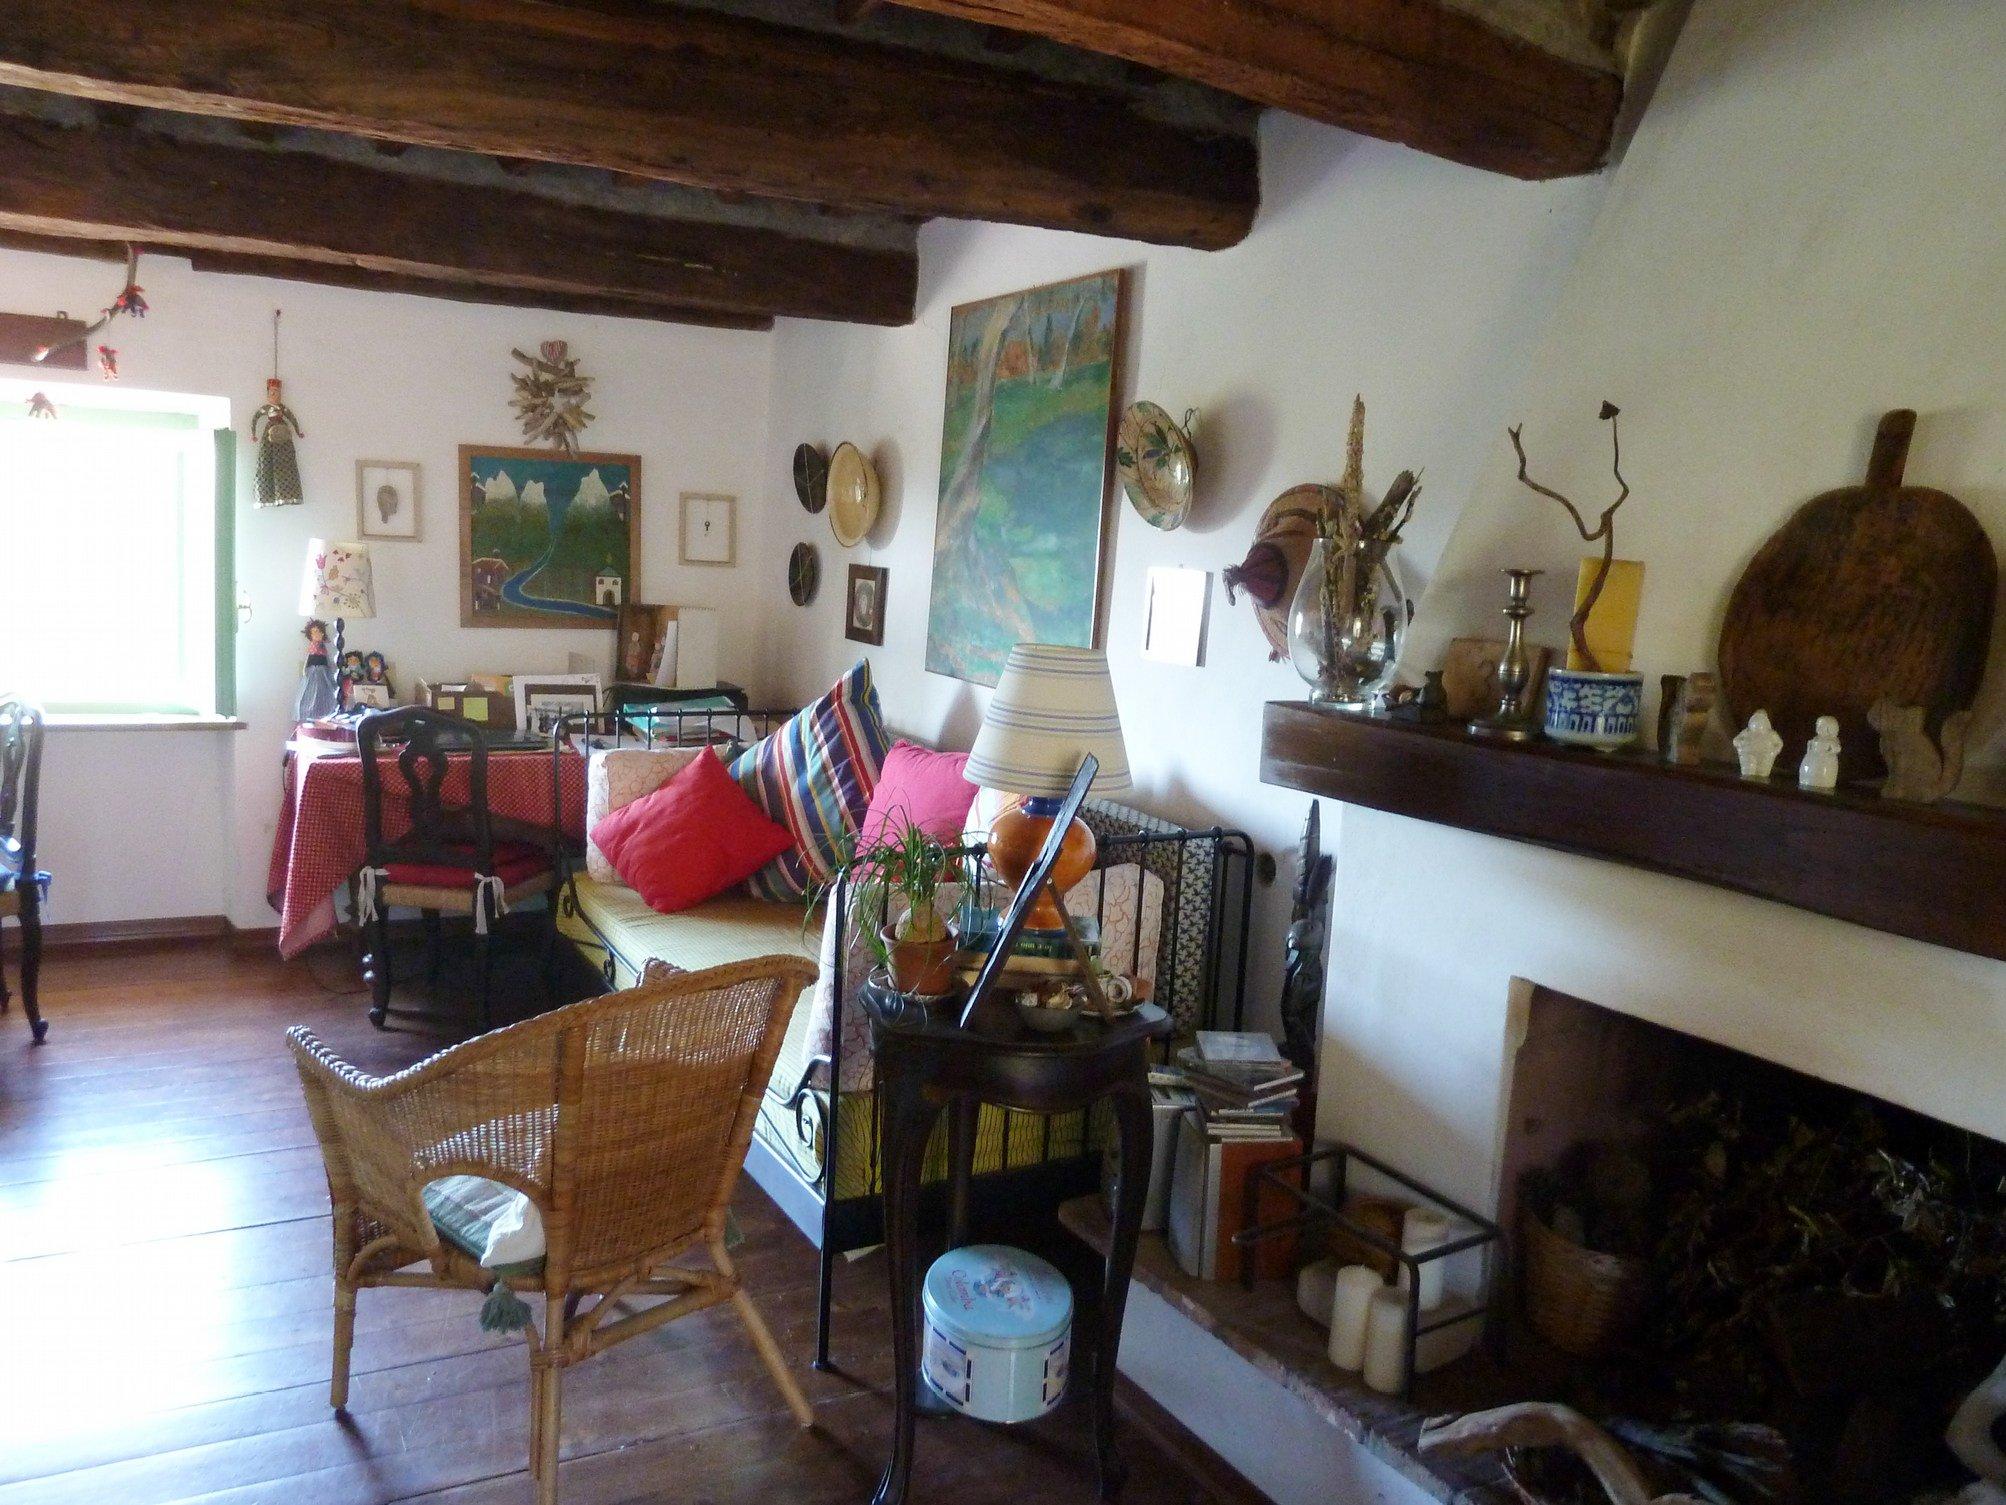 Una stanza con un tetto in legno, un divano in metallo con dei cuscini colorati e una poltrona in paglia